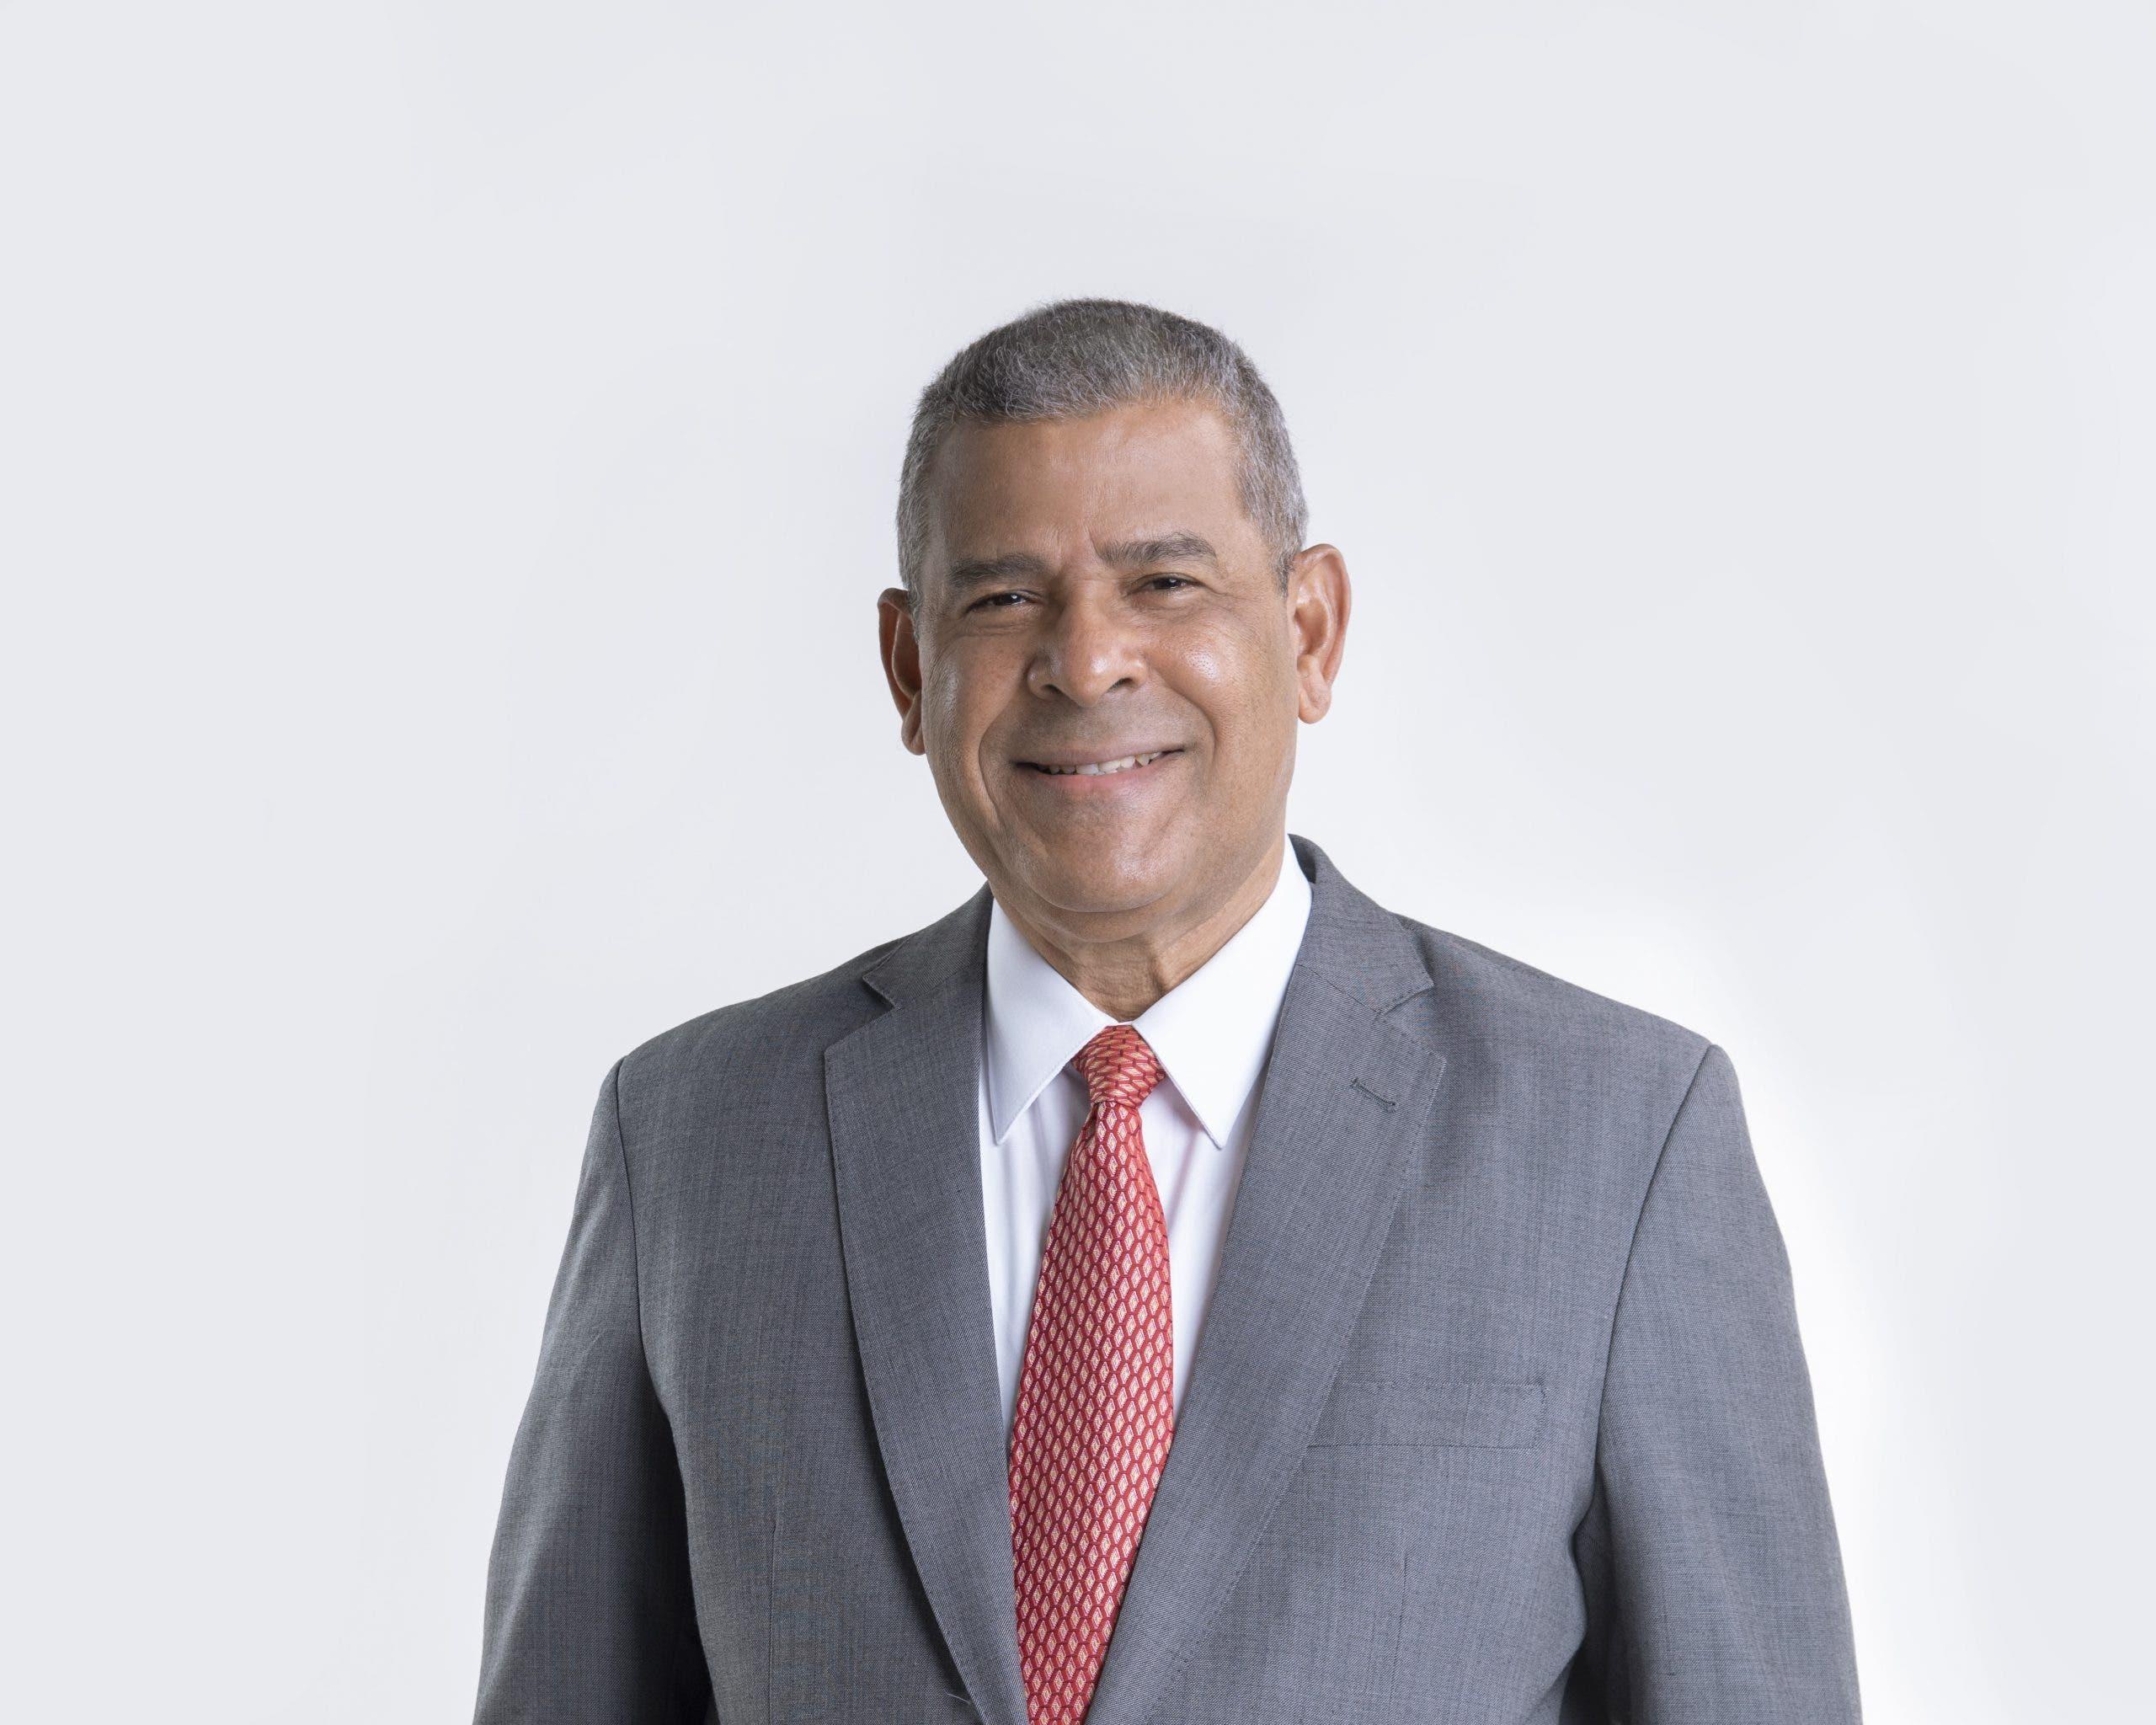 Ministro de Administración Pública eliminará «botellas» de instituciones públicas